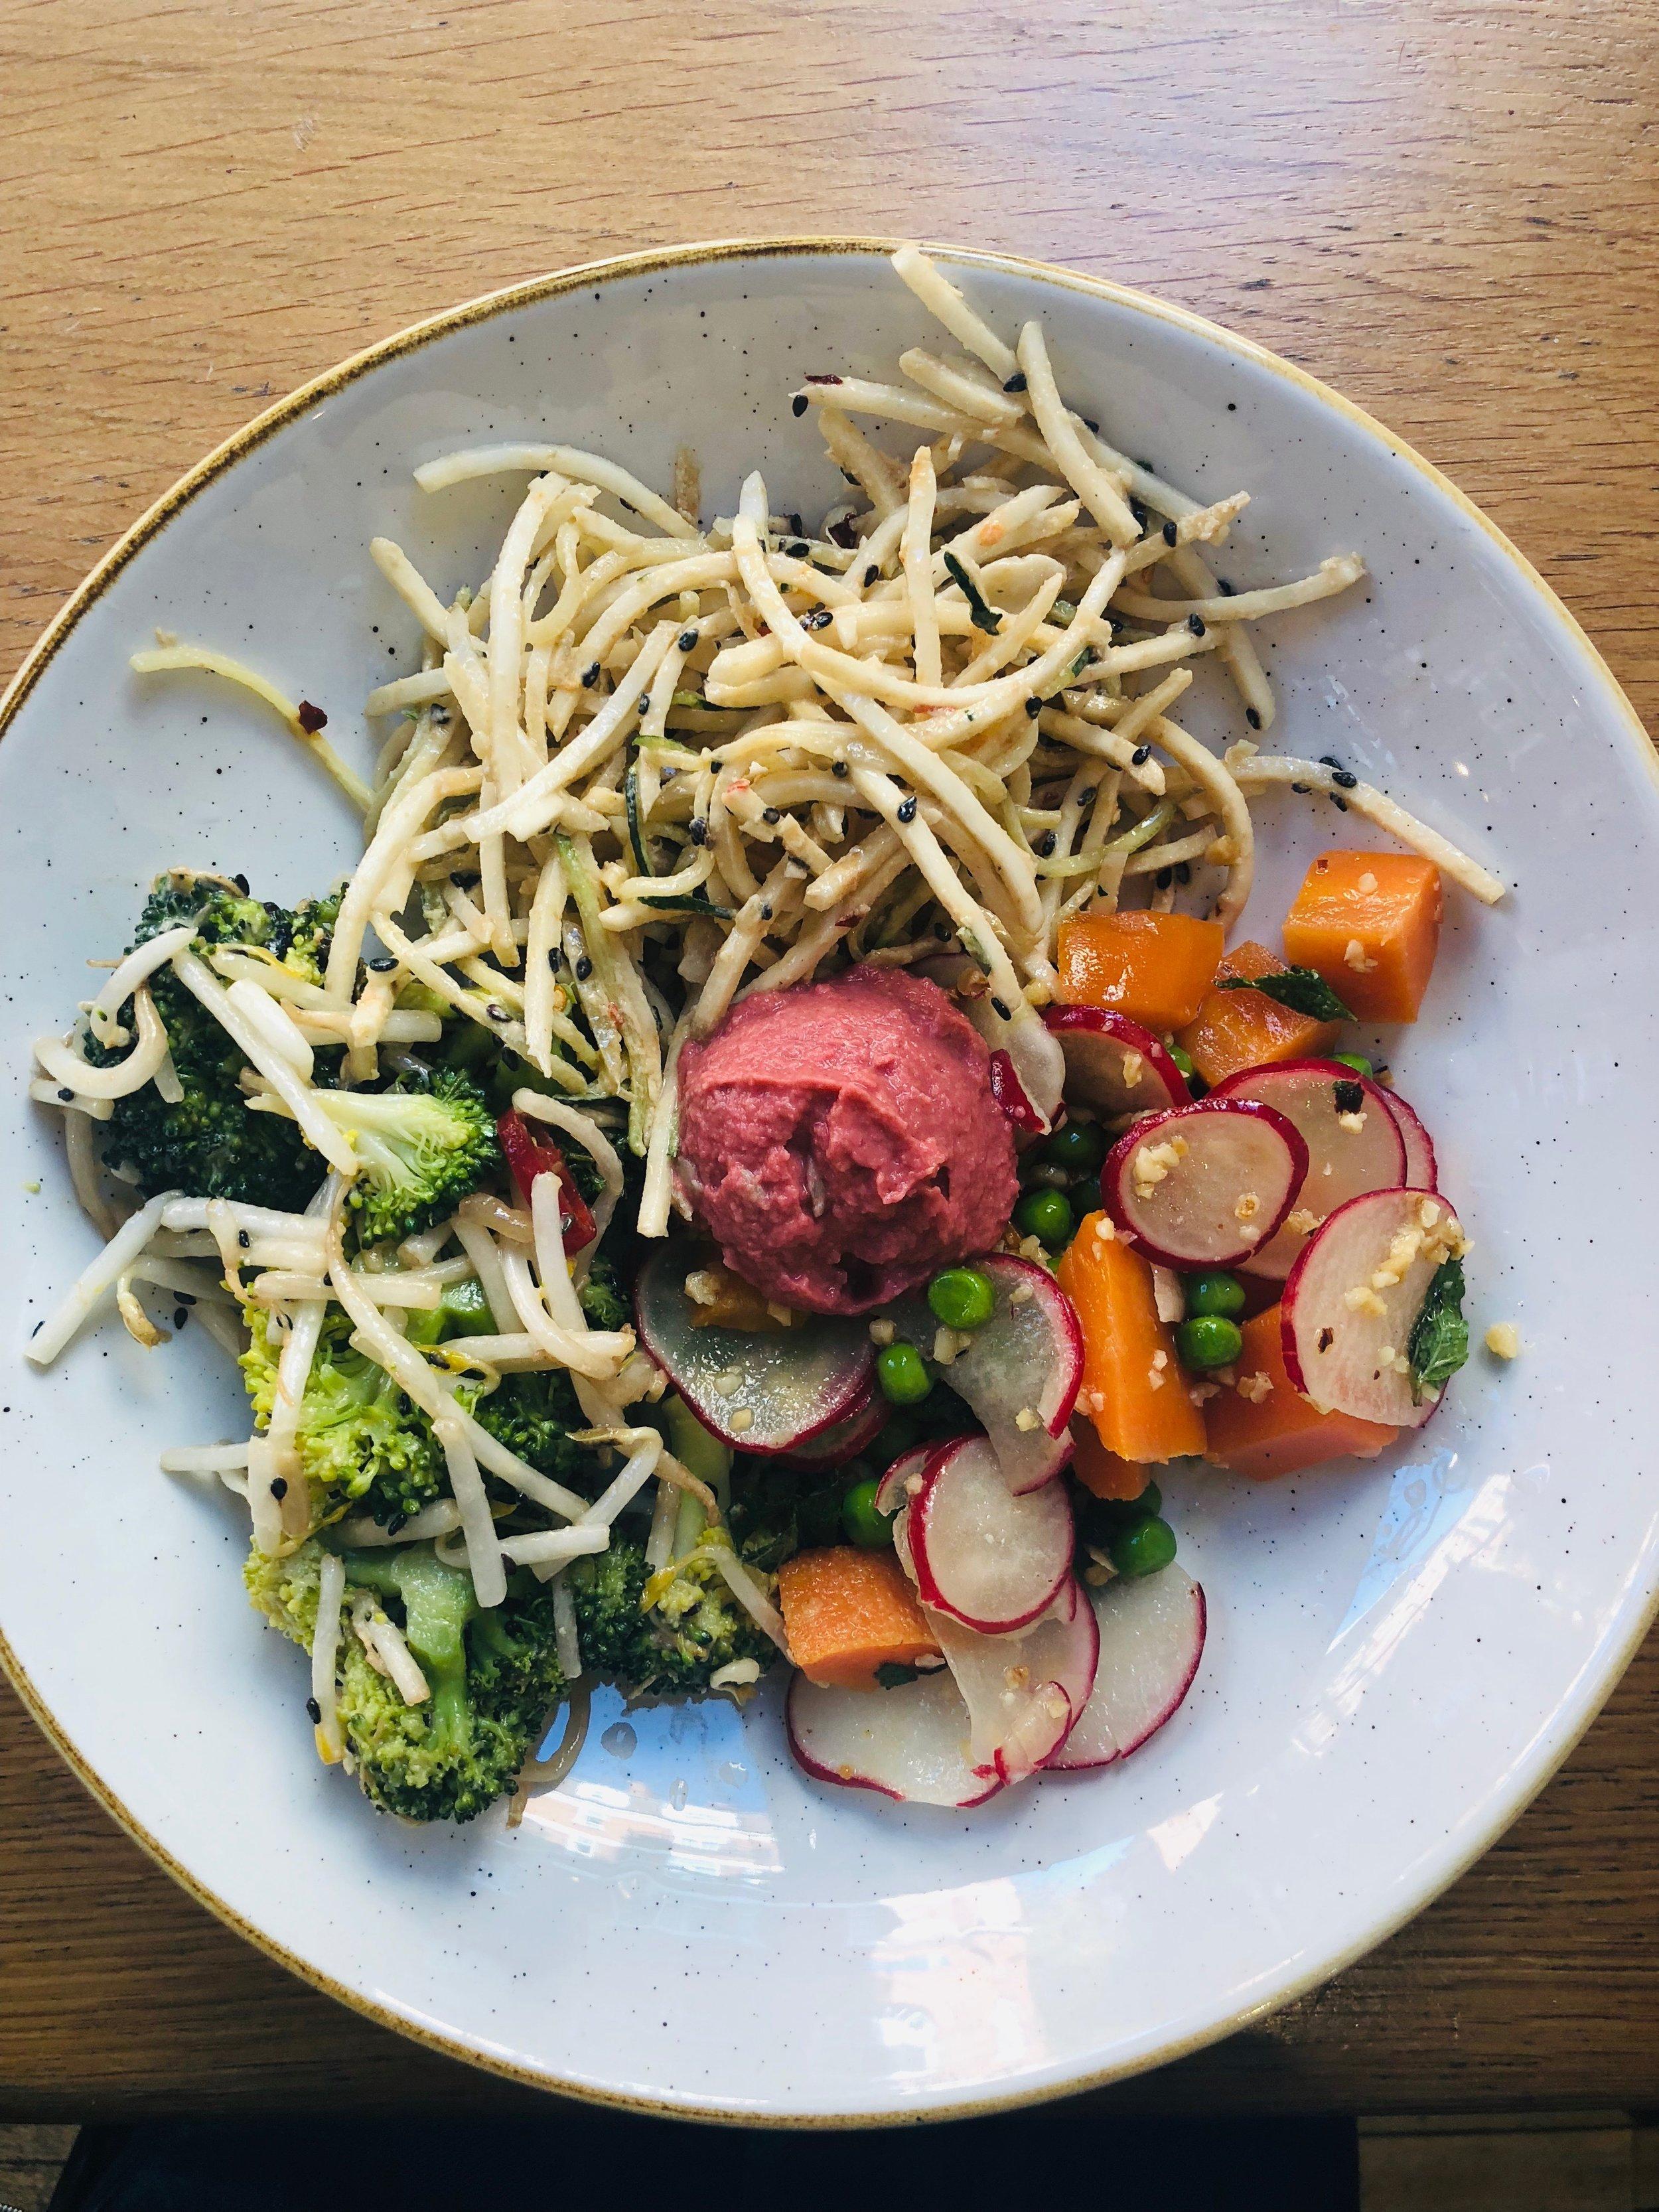 Deliciously Ella Deli - Daily Salad Selection w. Beet Hummus